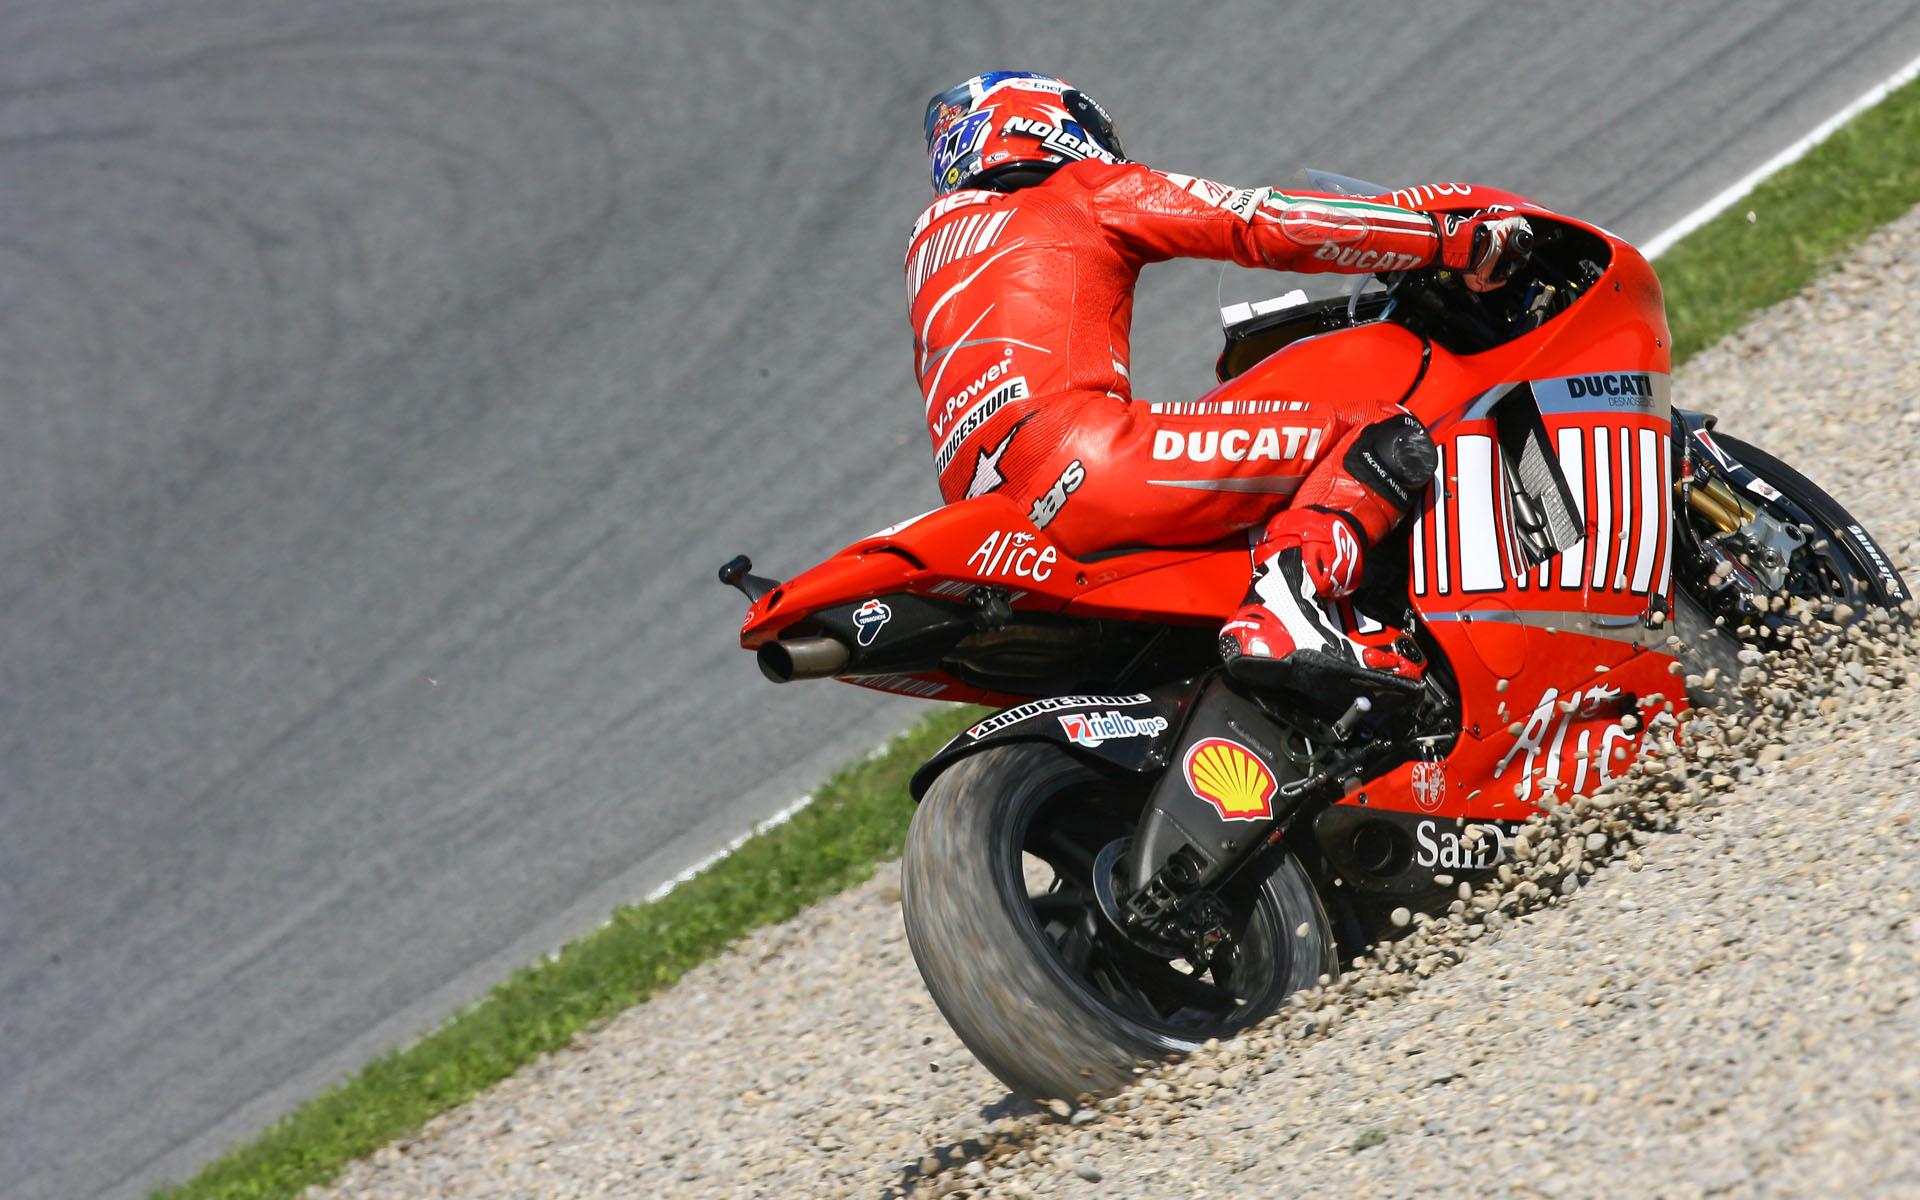 Ducati Sportbike racing wallpaper - 341.2KB